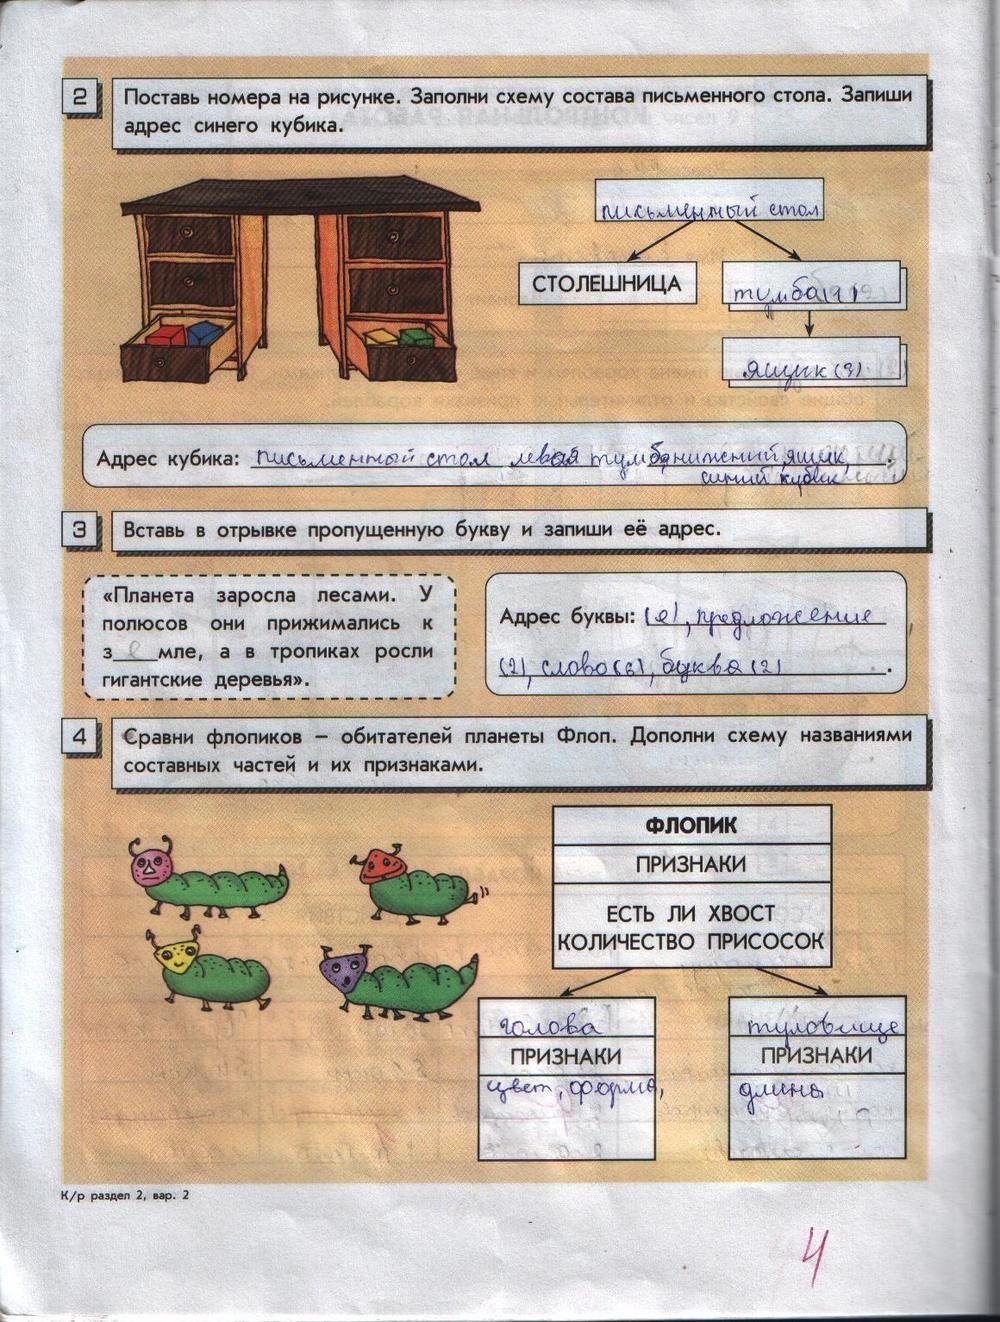 Рабочая тетрадь часть 1 ответы горячев класс решебник информатика ответы 4